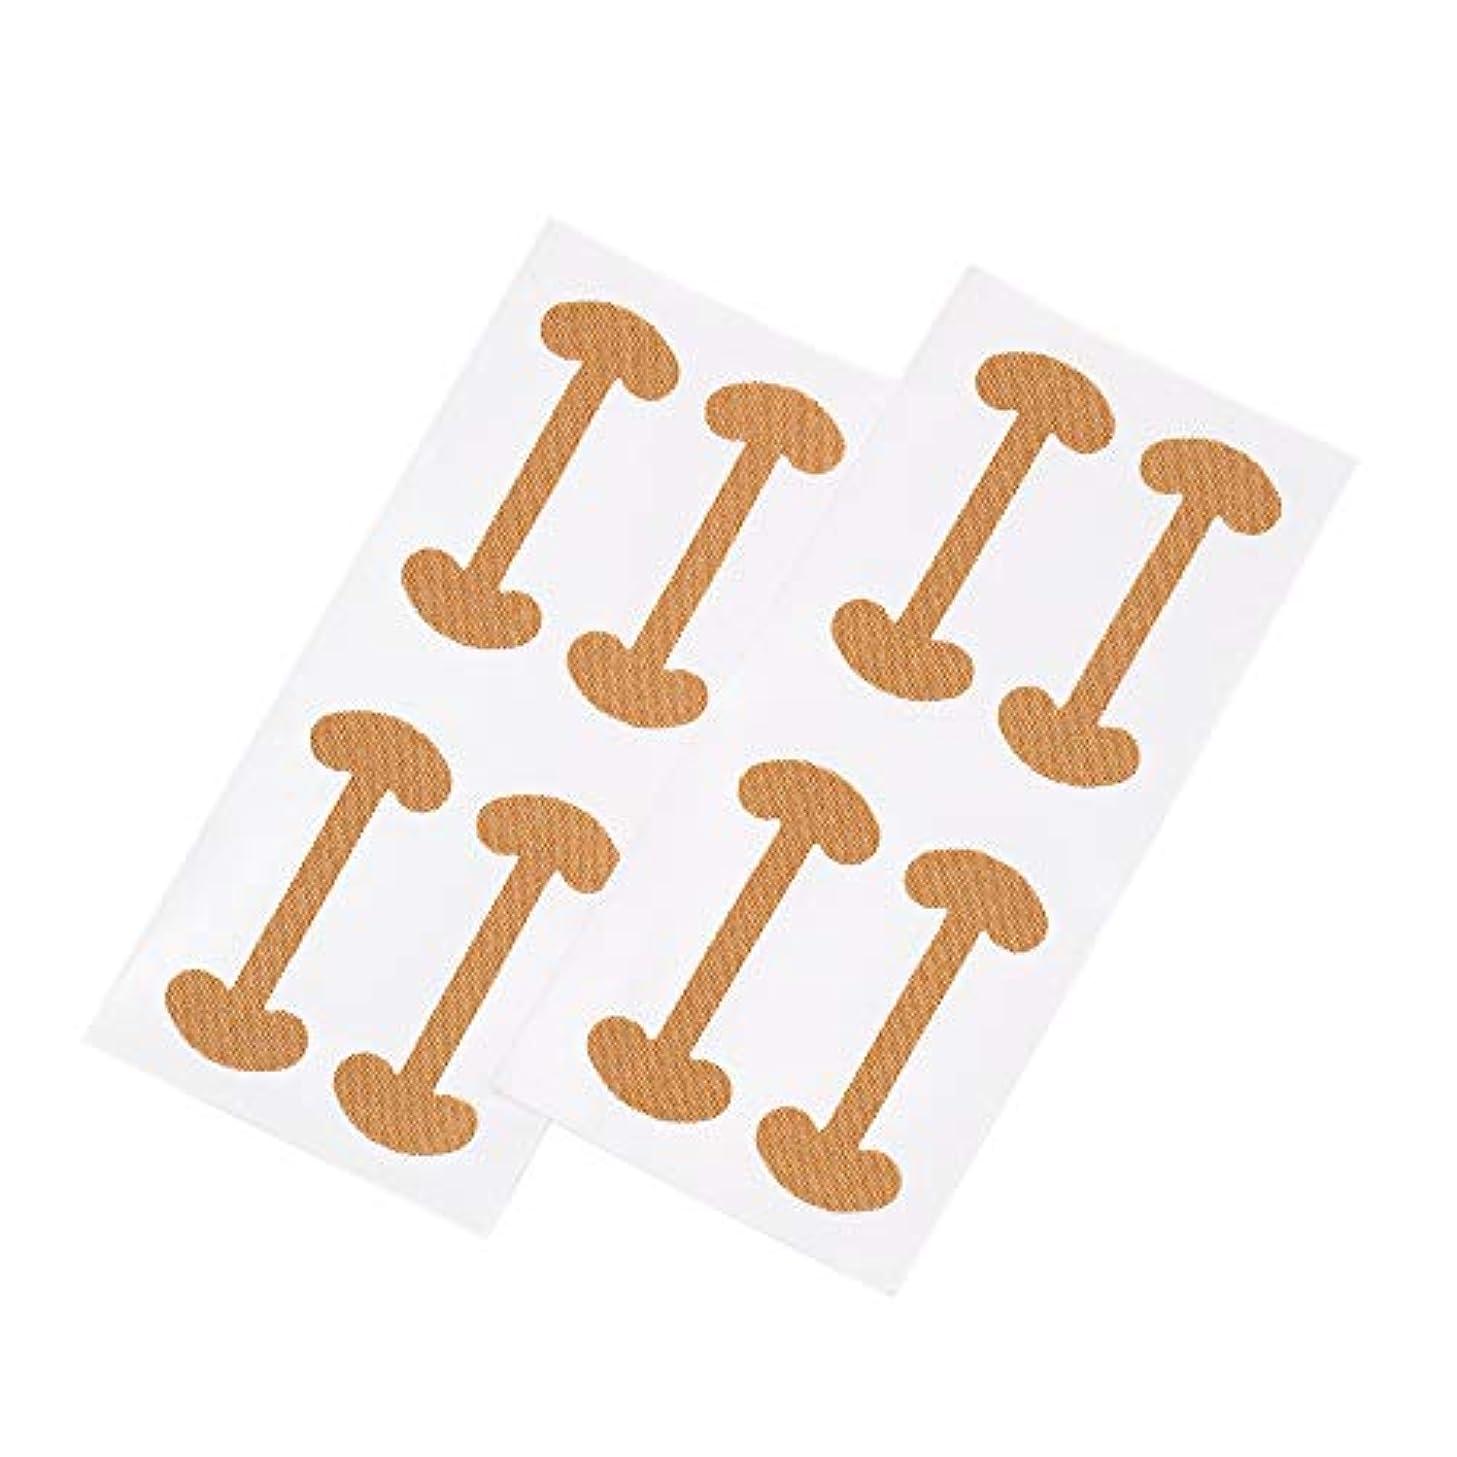 潜在的な蒸発ギャザーDecdeal 8ピース 巻き爪 ケアテープ まきずめ 矯正 巻きヅメ 矯正 爪の治療 爪の矯正パッチ 爪リフタ